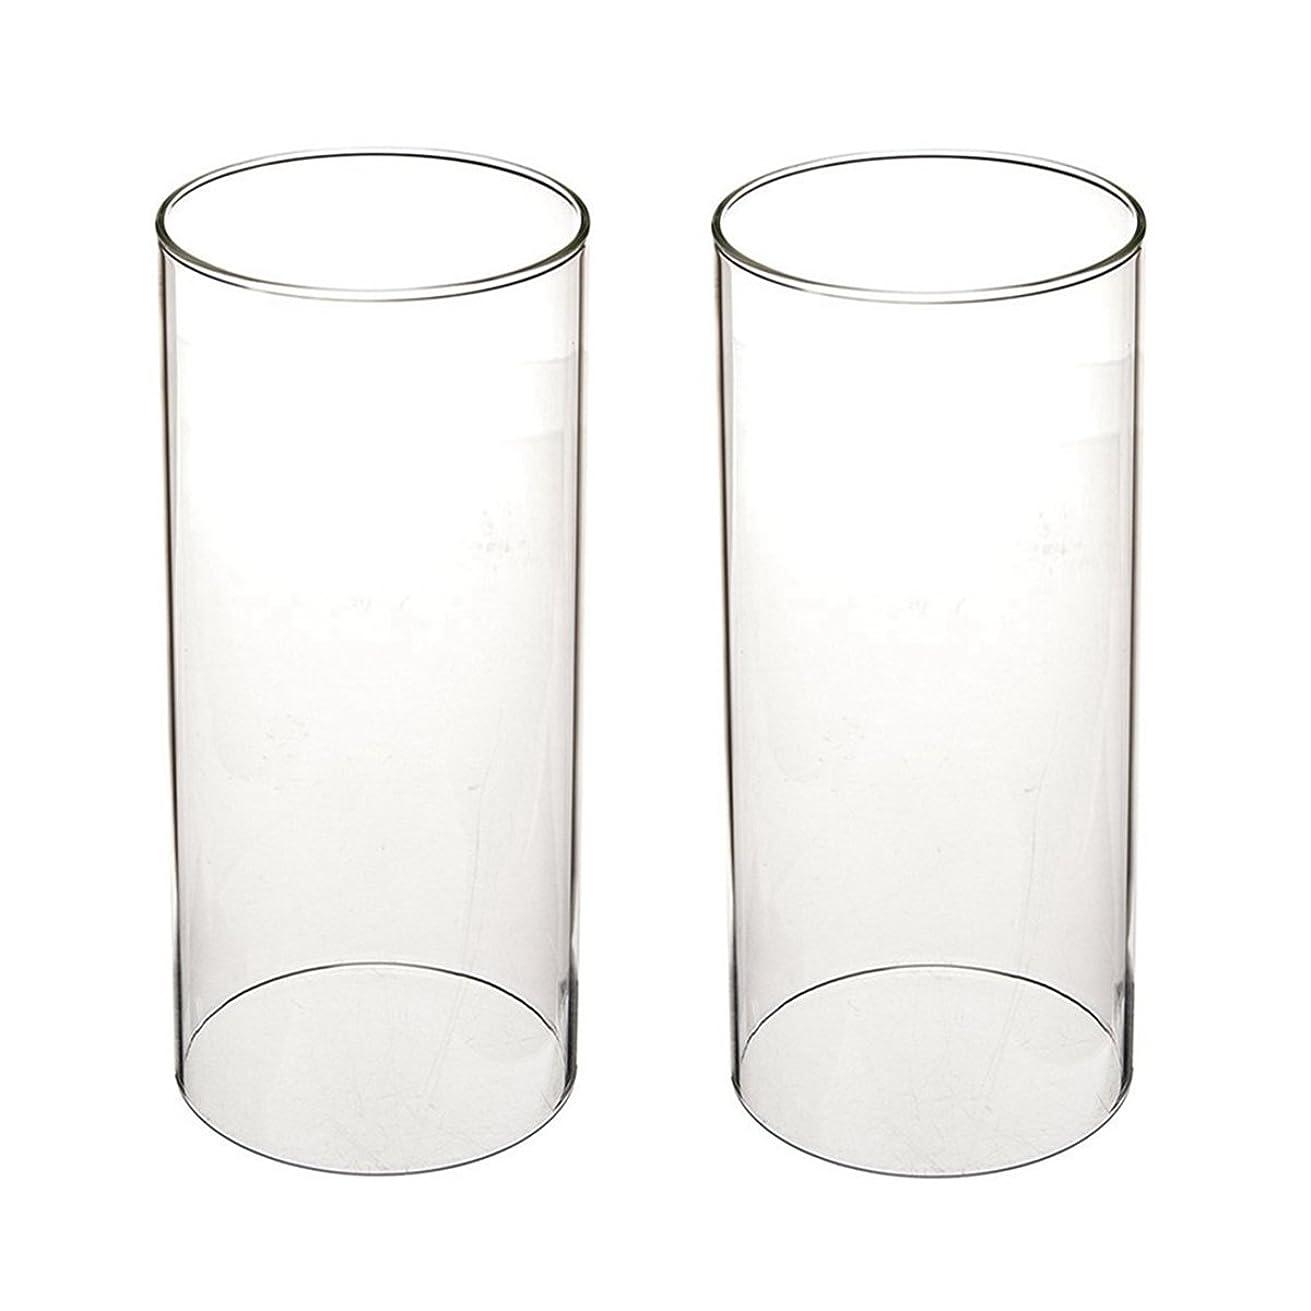 シネウィホイール資料ガラス煙突for Candleオープンエンド、ホウケイ酸ガラス( d3?h8?